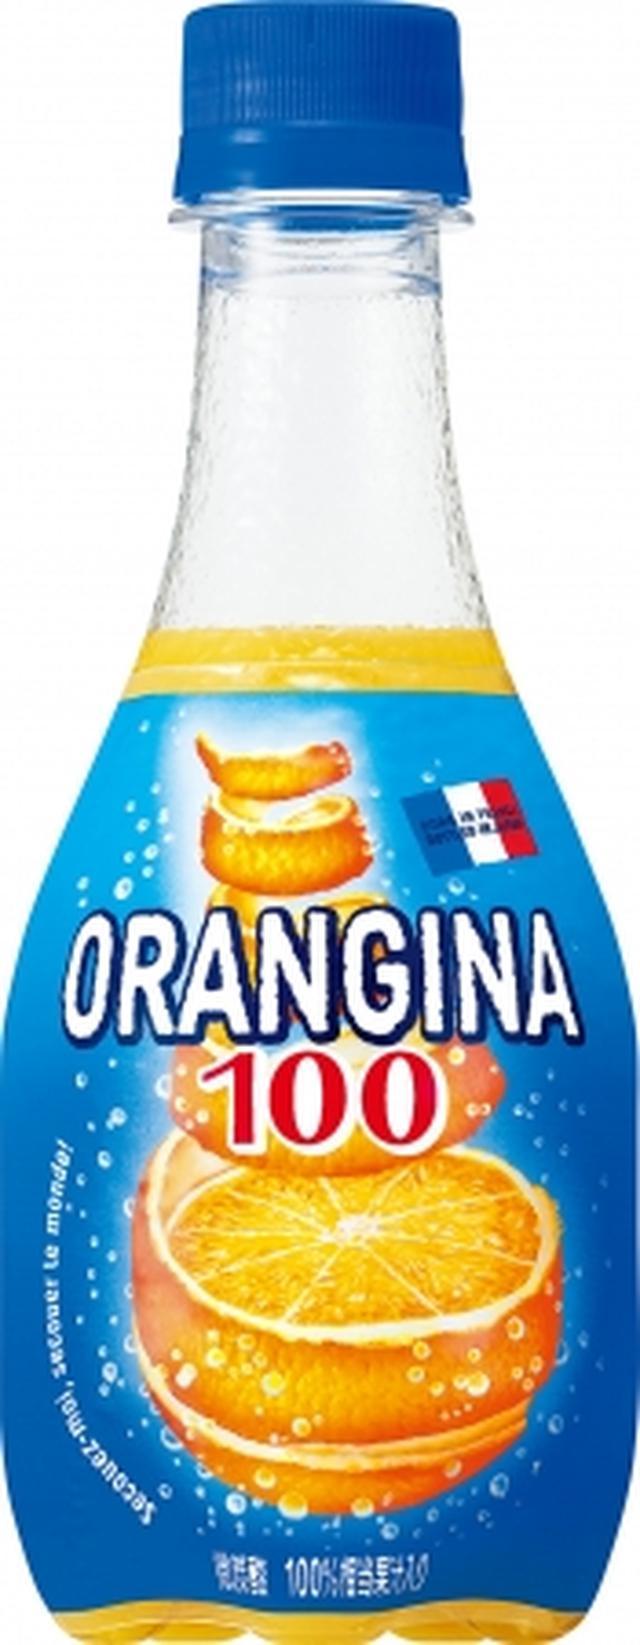 画像2: 果汁分100%の「オランジーナ」が新登場!「オランジーナ100」新発売